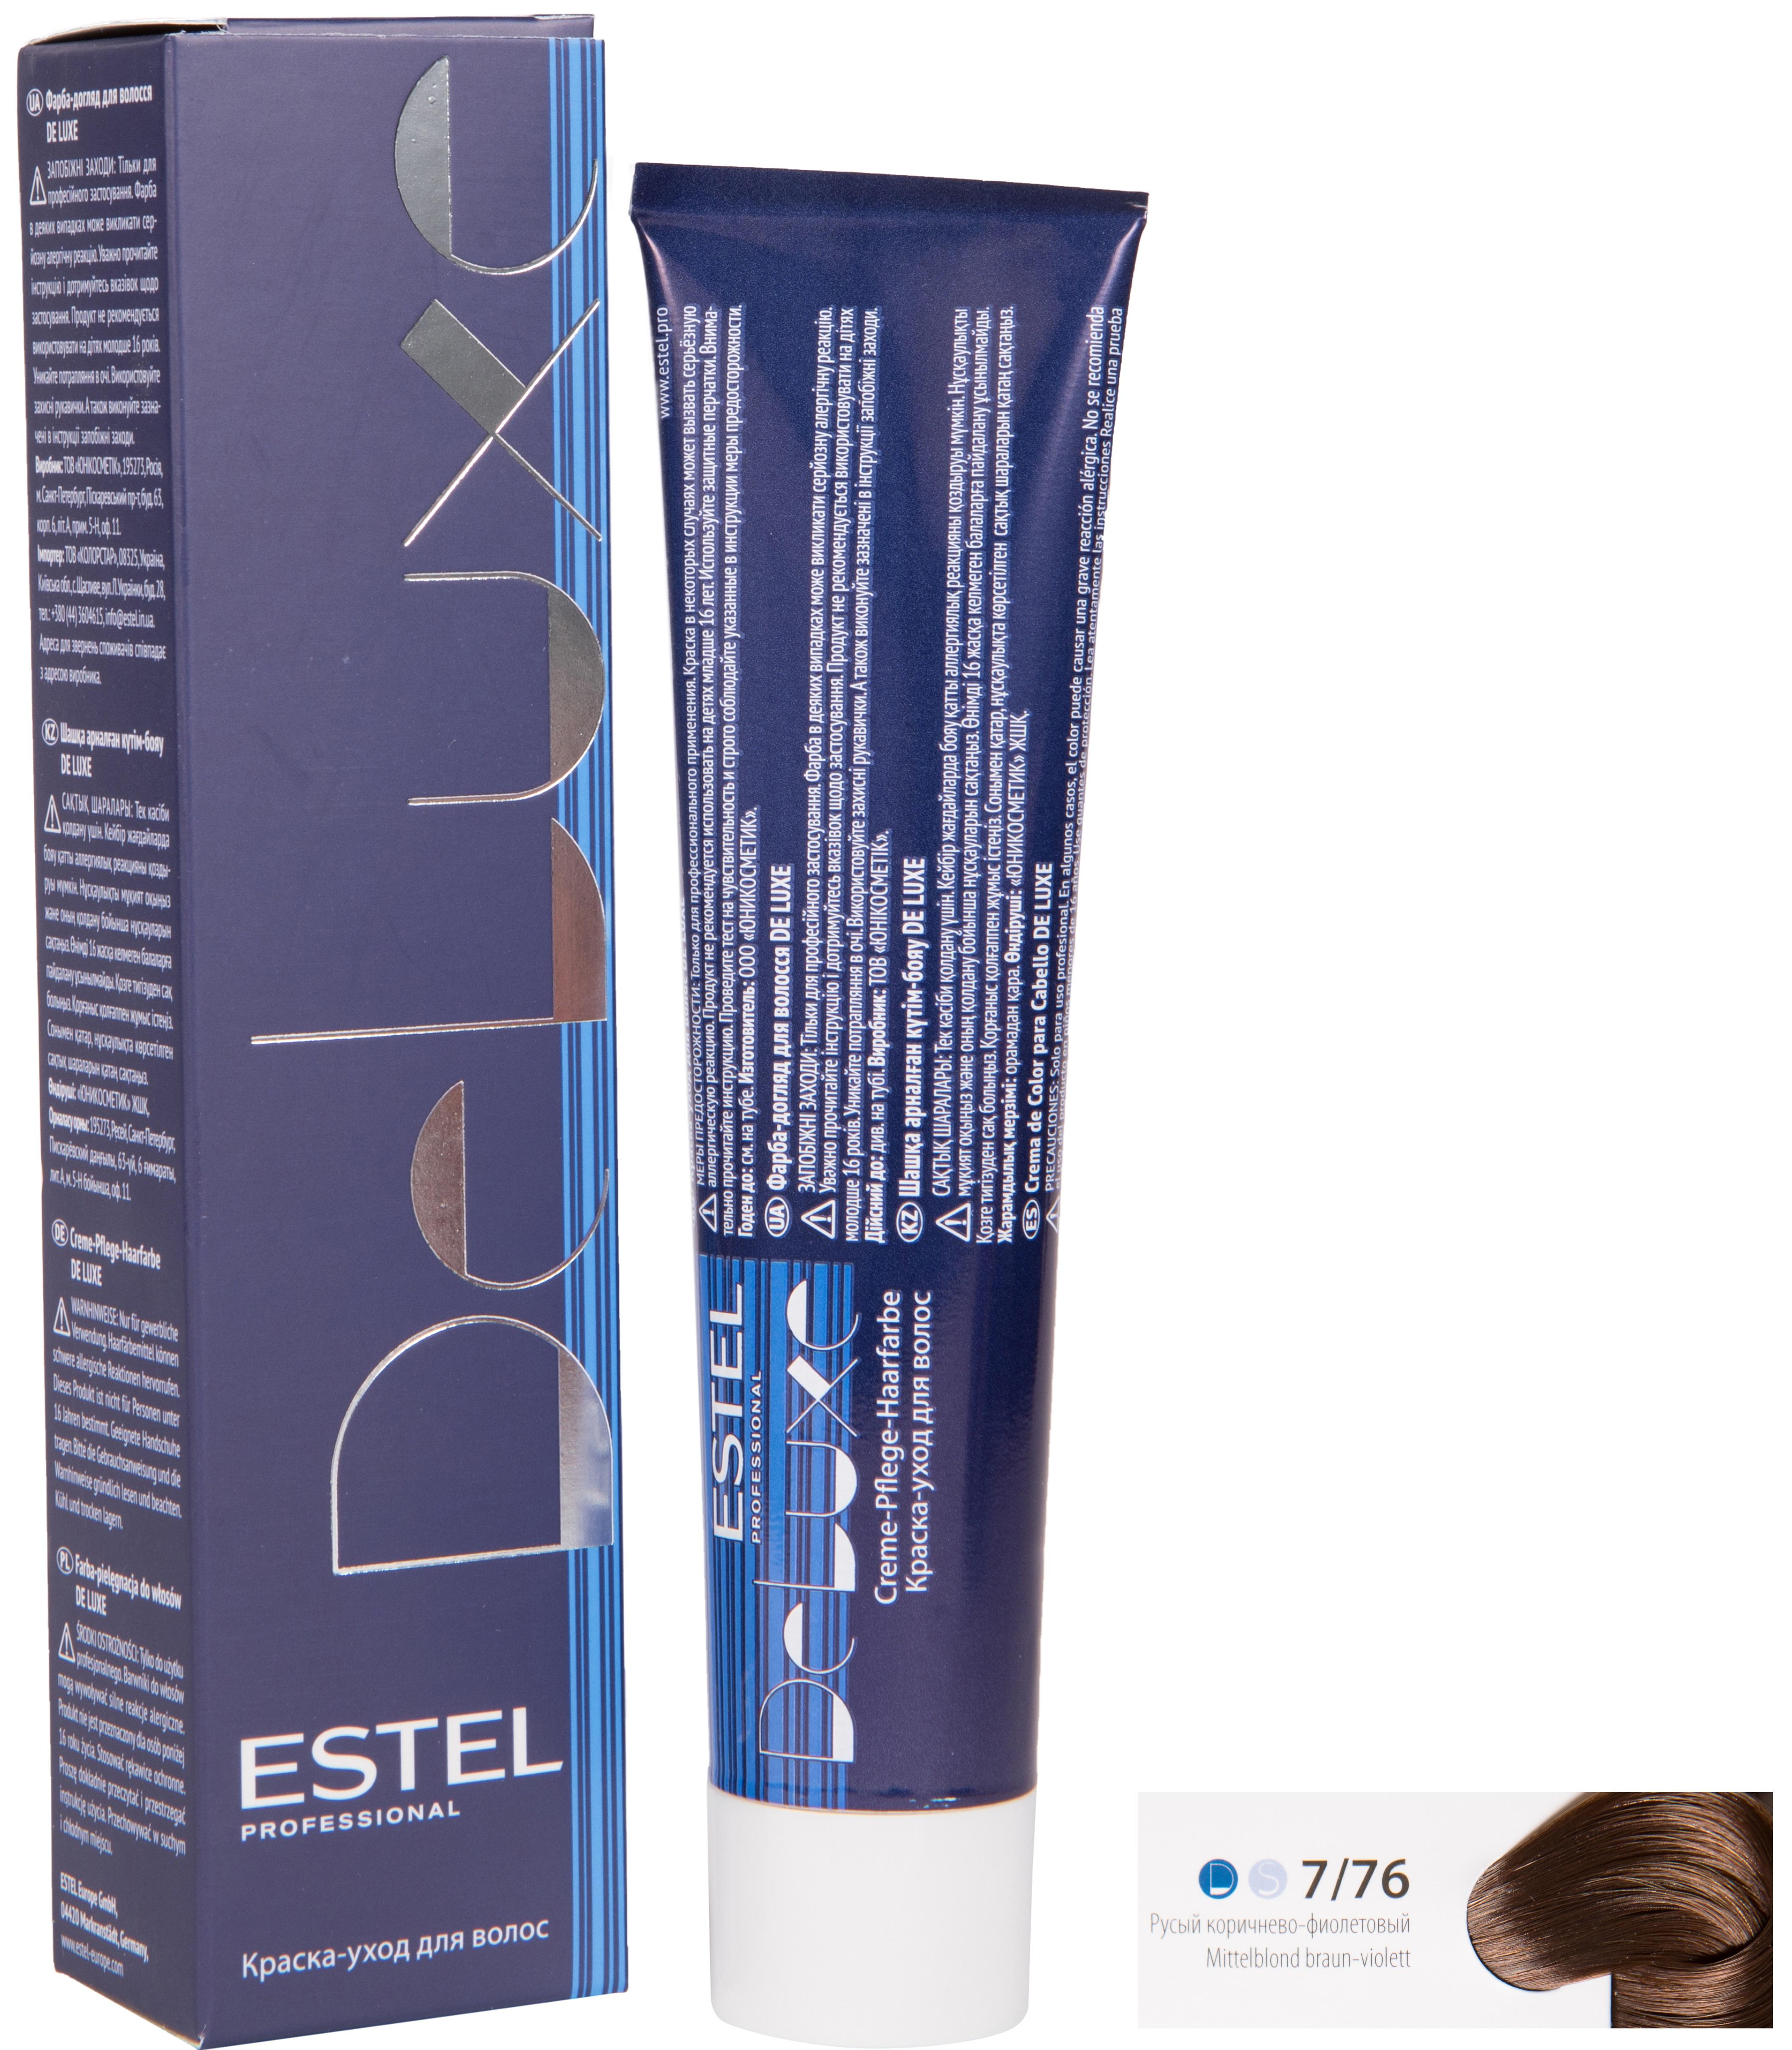 Краска для волос ESTEL PROFESSIONAL 7/76 DE LUXE краска-уход для окрашивания волос, русый коричнево-фиолетовый 60 мл estel стойкая крем краска для волос de luxe 8 76 светло русый коричнево фиолетовый 60 мл